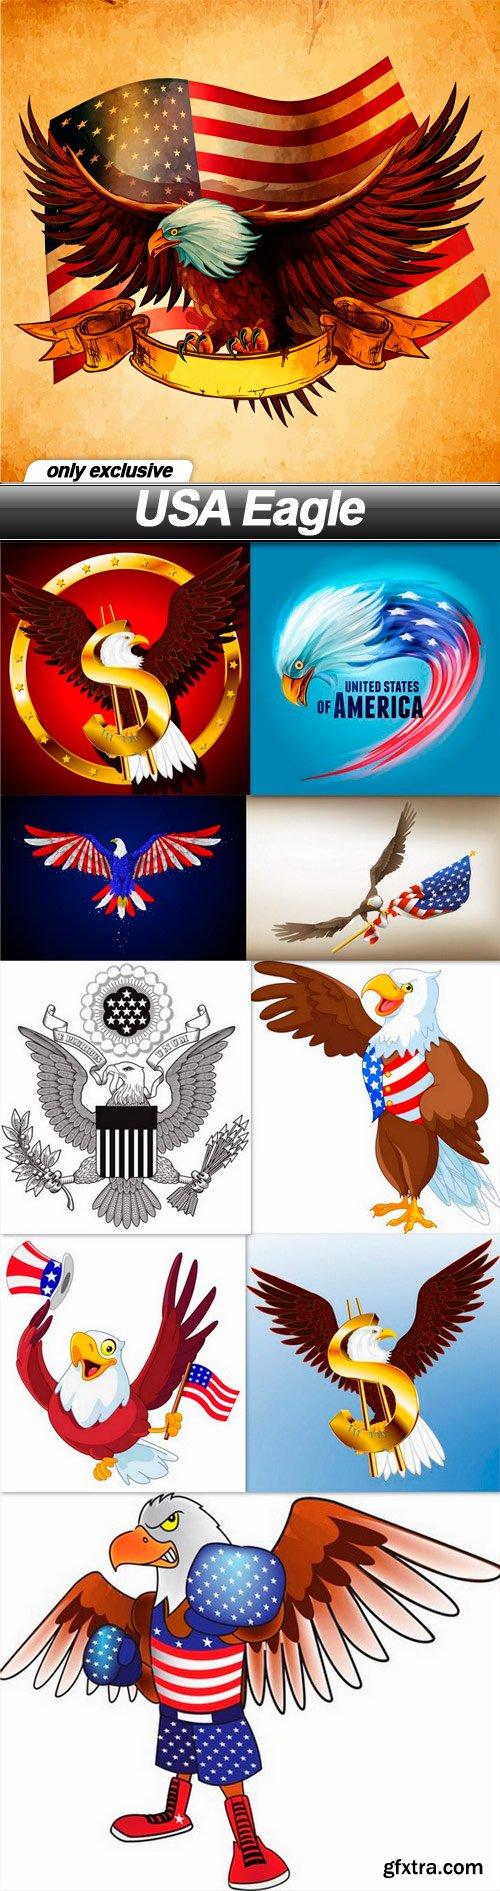 USA Eagle - 10 EPS